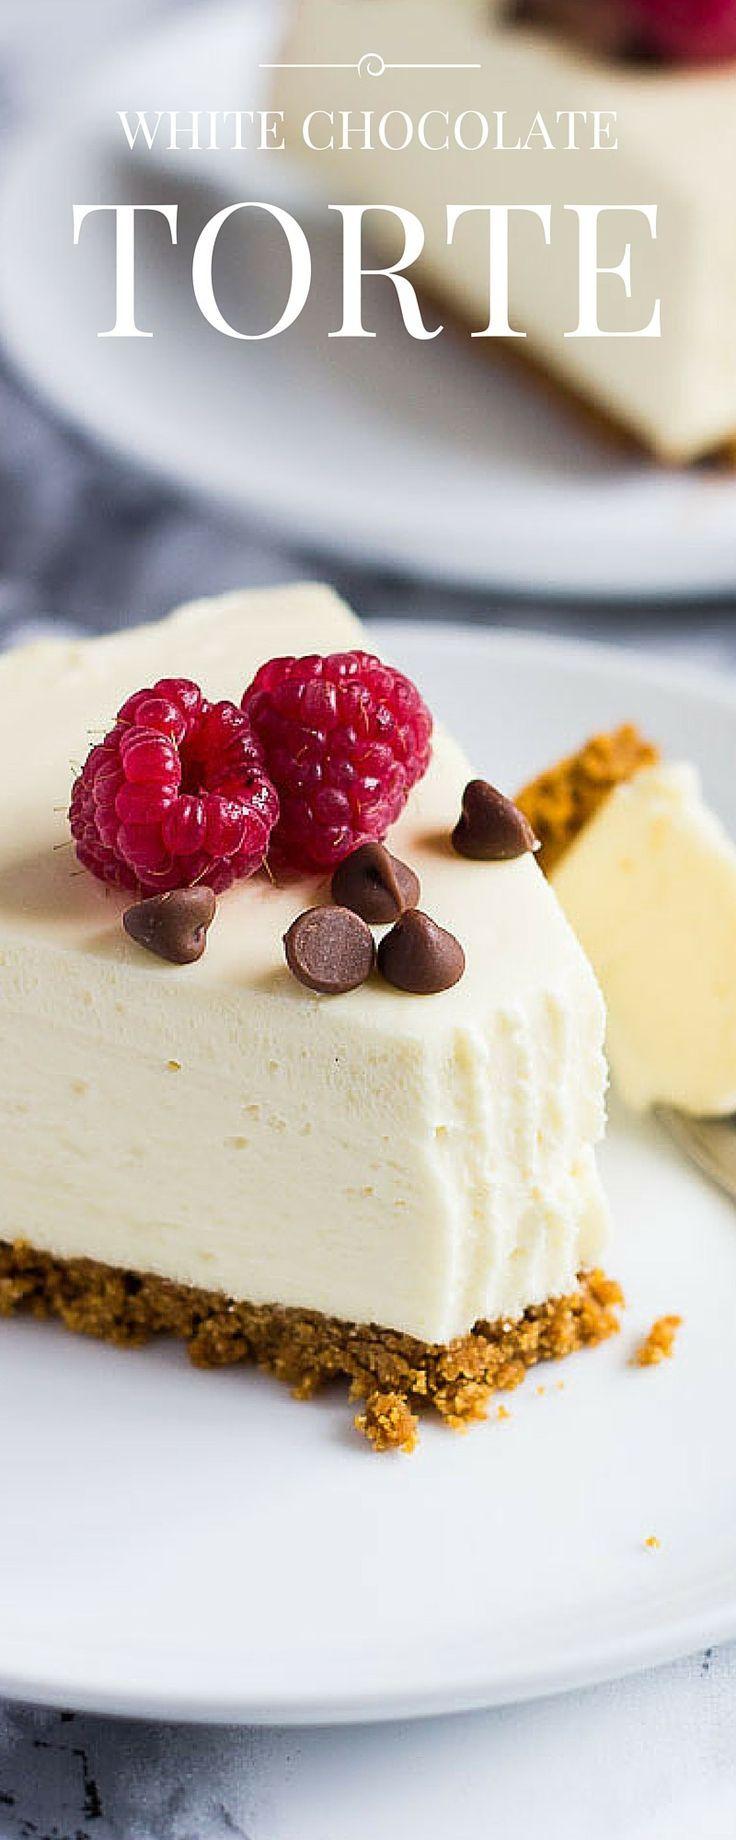 White Chocolate Torte | Marsha's Baking Addiction